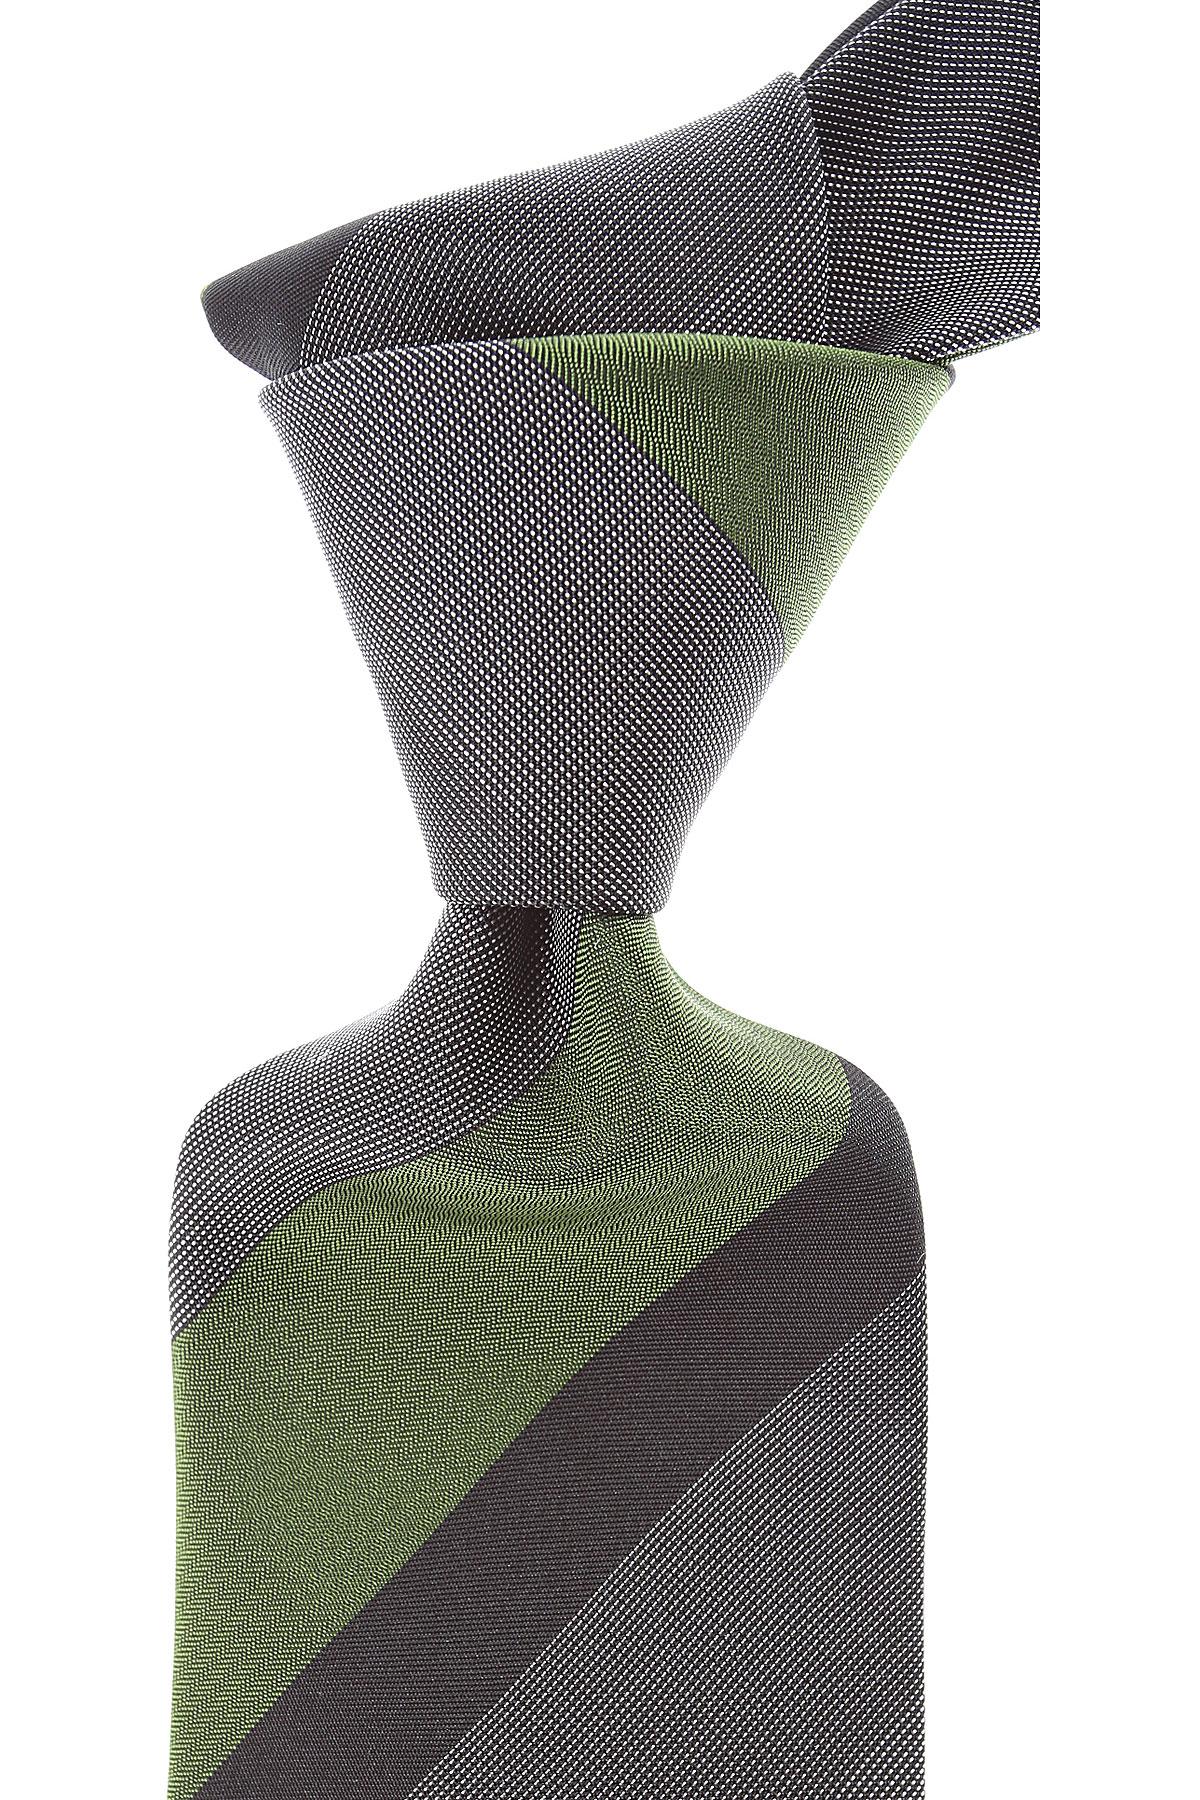 Moschino Cravates Pas cher en Soldes, Variété de gris, Soie, 2019